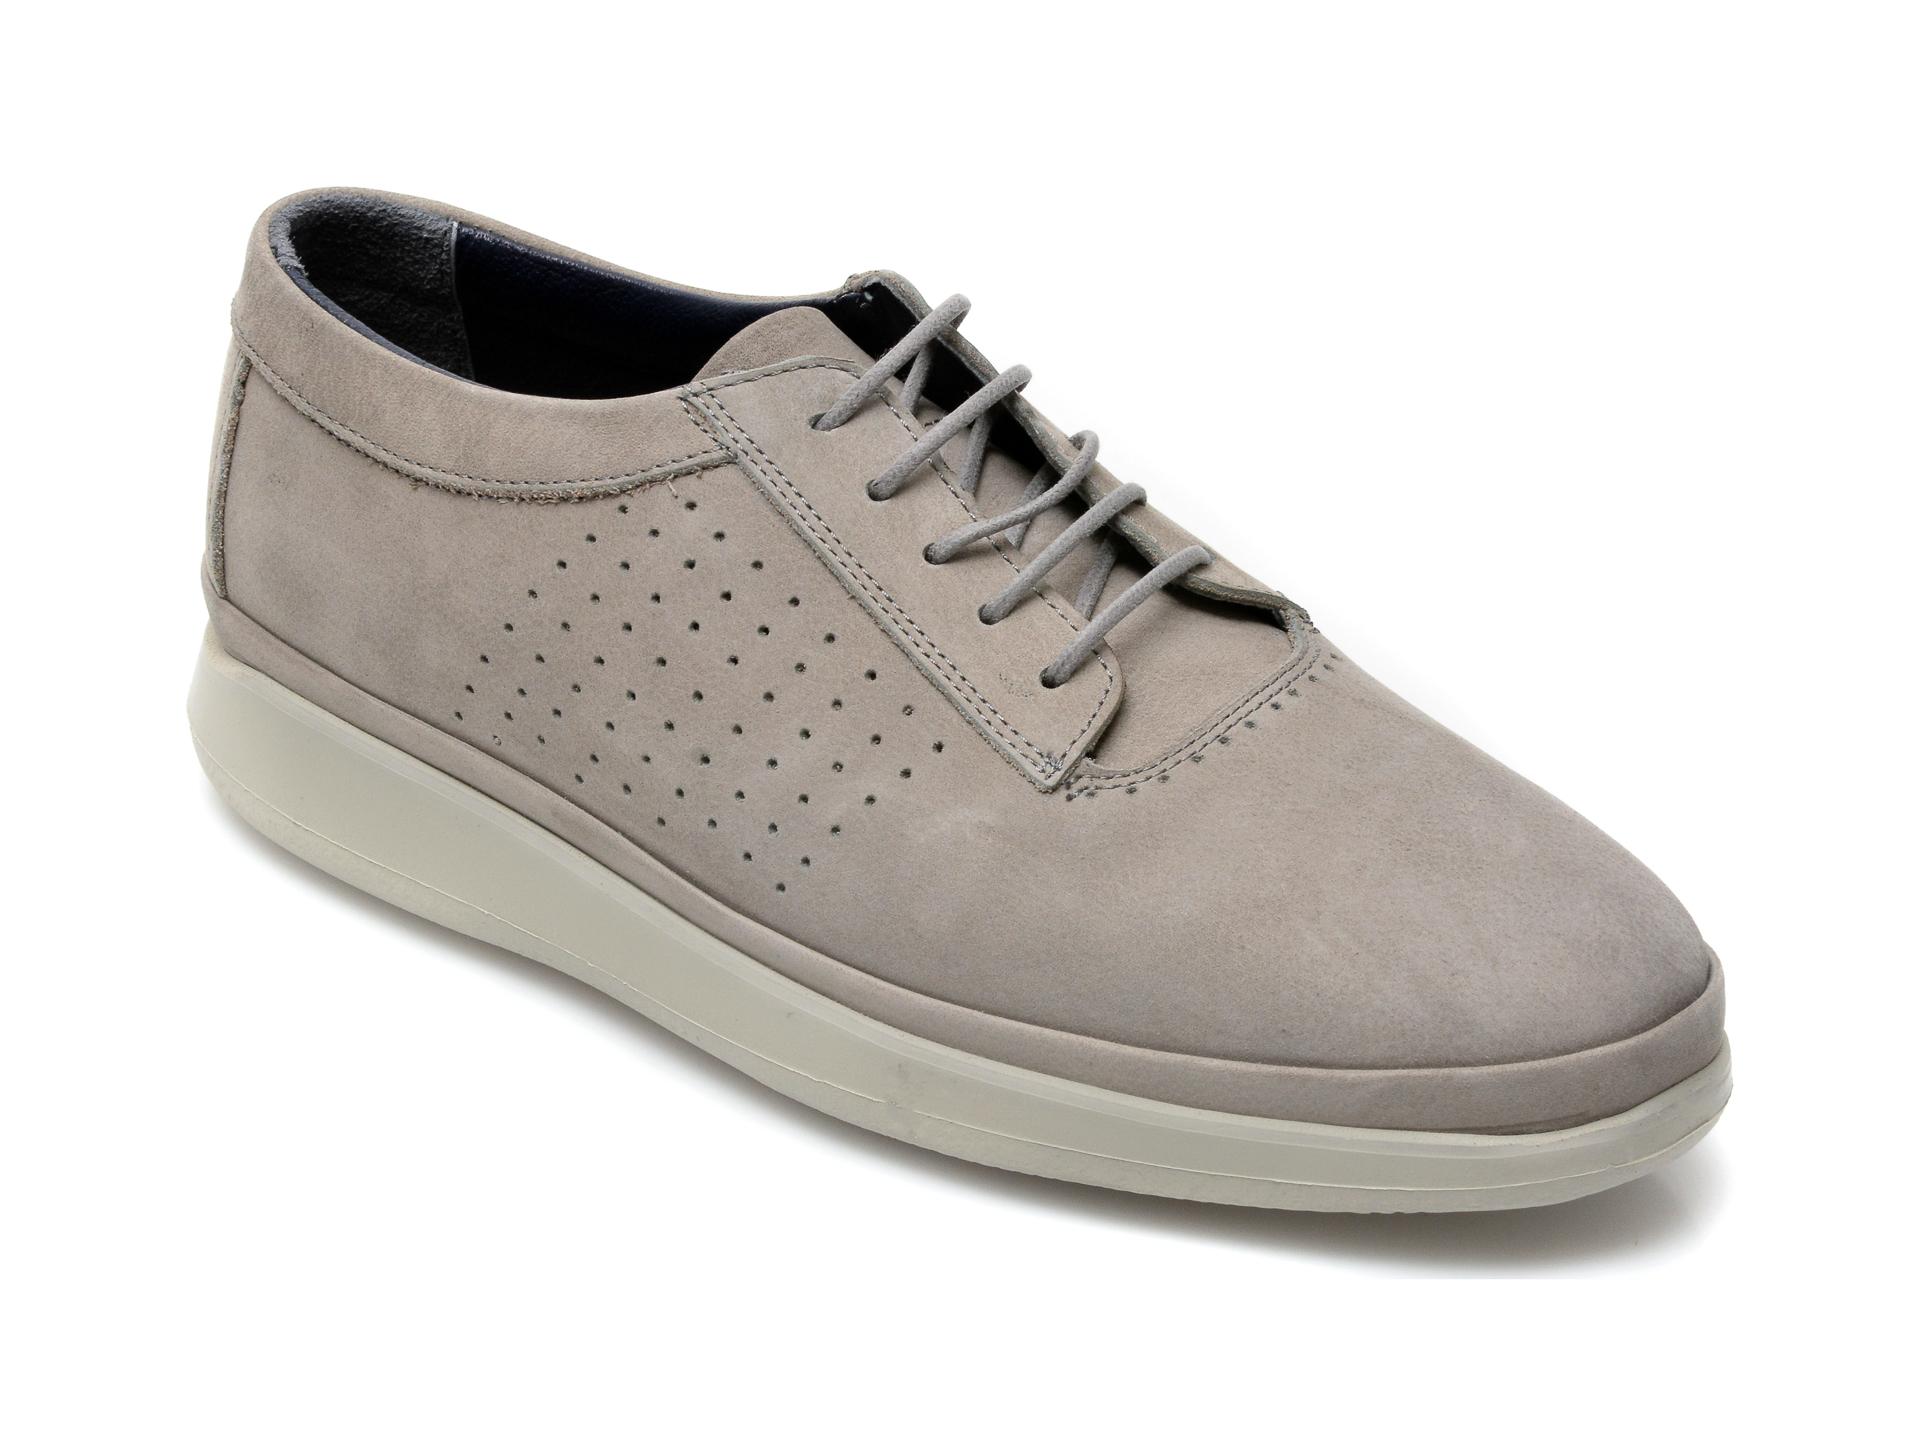 Pantofi OTTER gri, M6001, din nabuc imagine otter.ro 2021